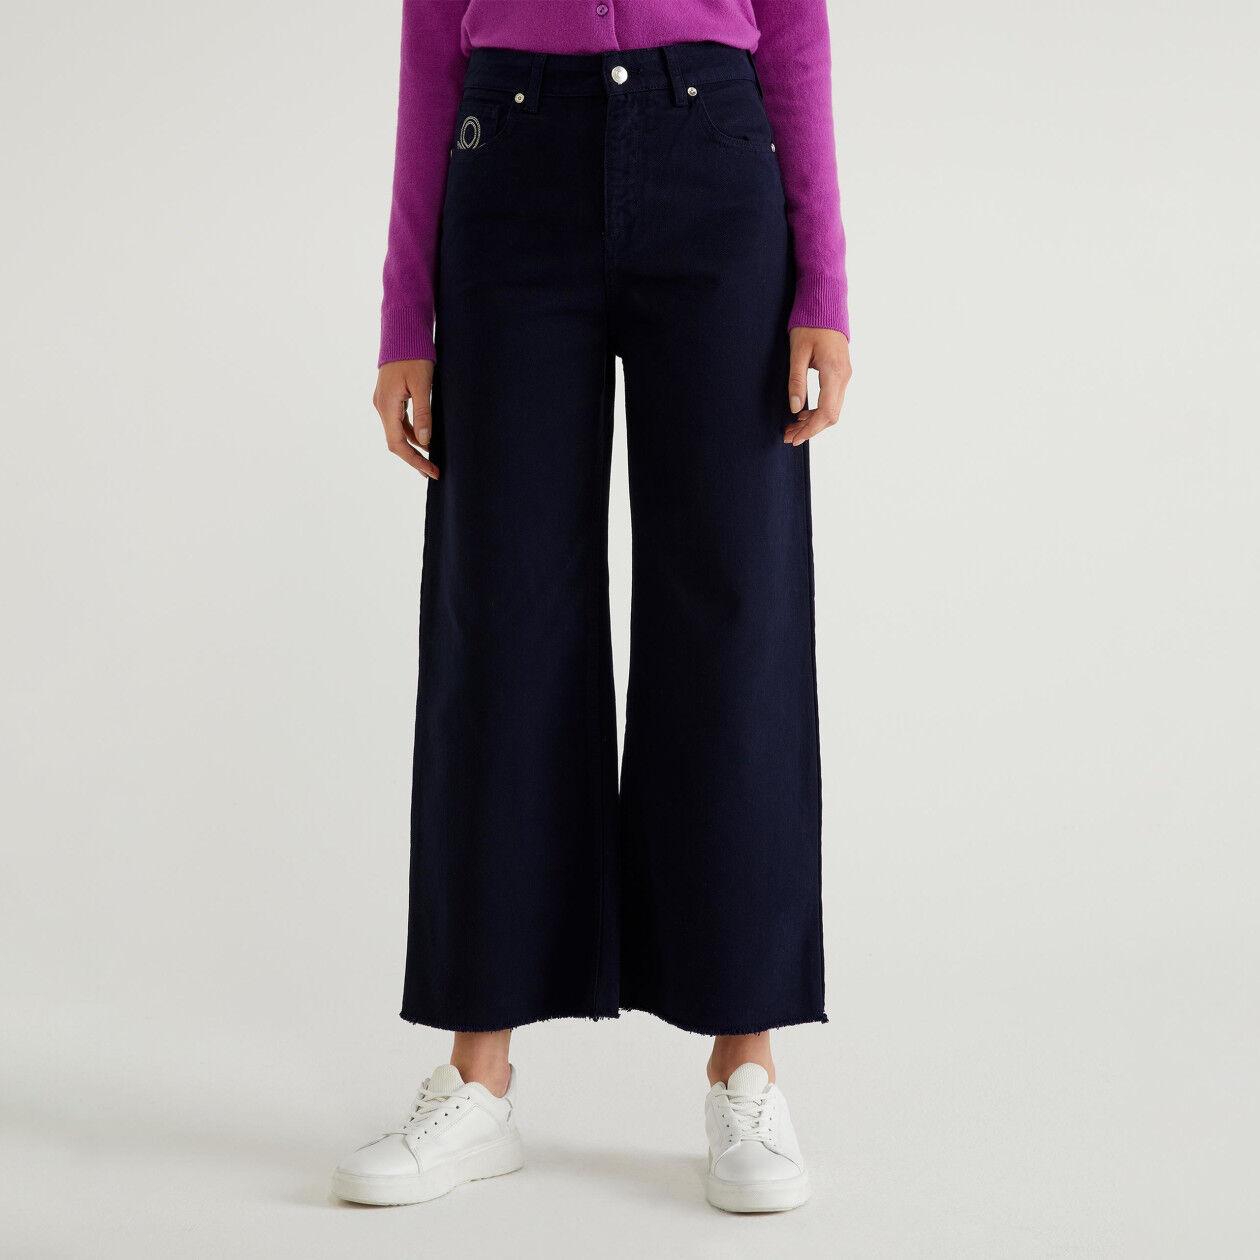 Pantalón cropped desflecado